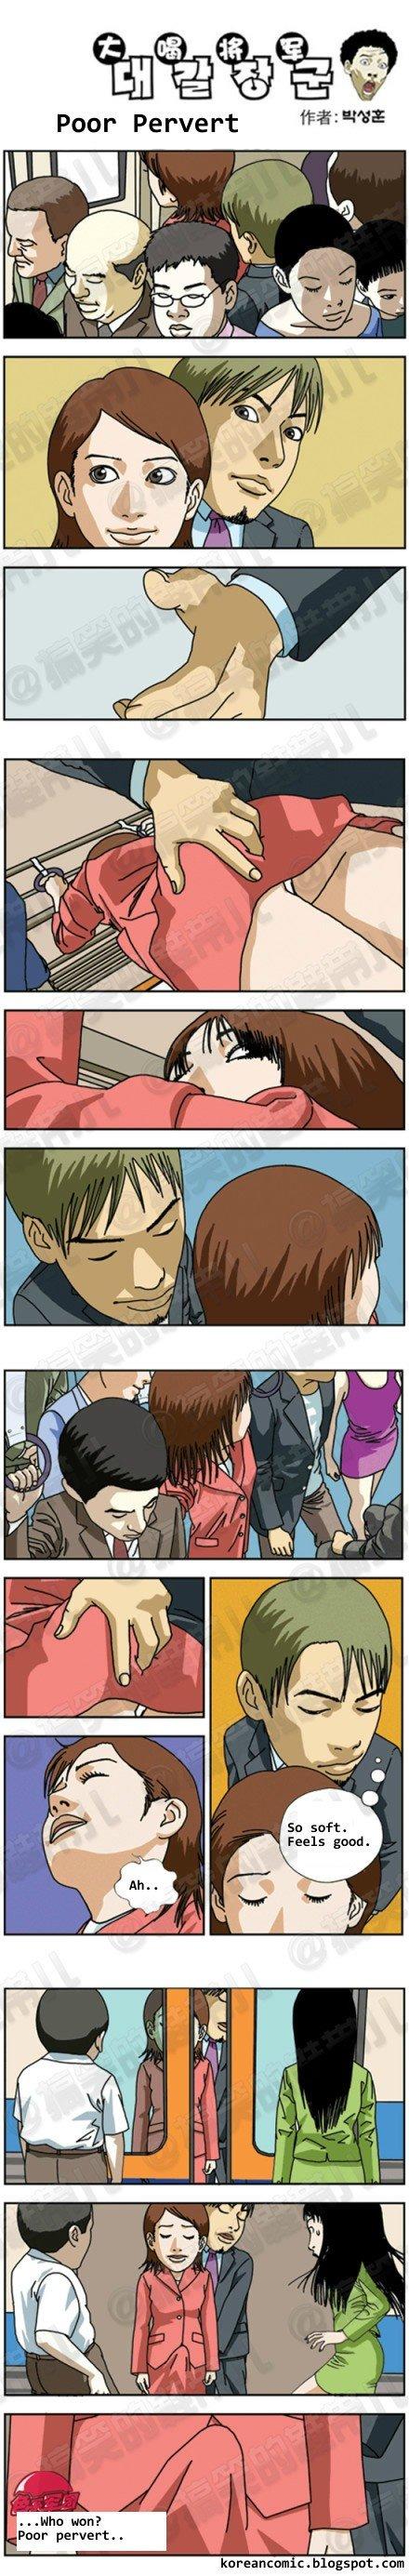 """Win?. . Poor Pervert """"a! Hun? Paar pervert... reminds me of this korean comics"""